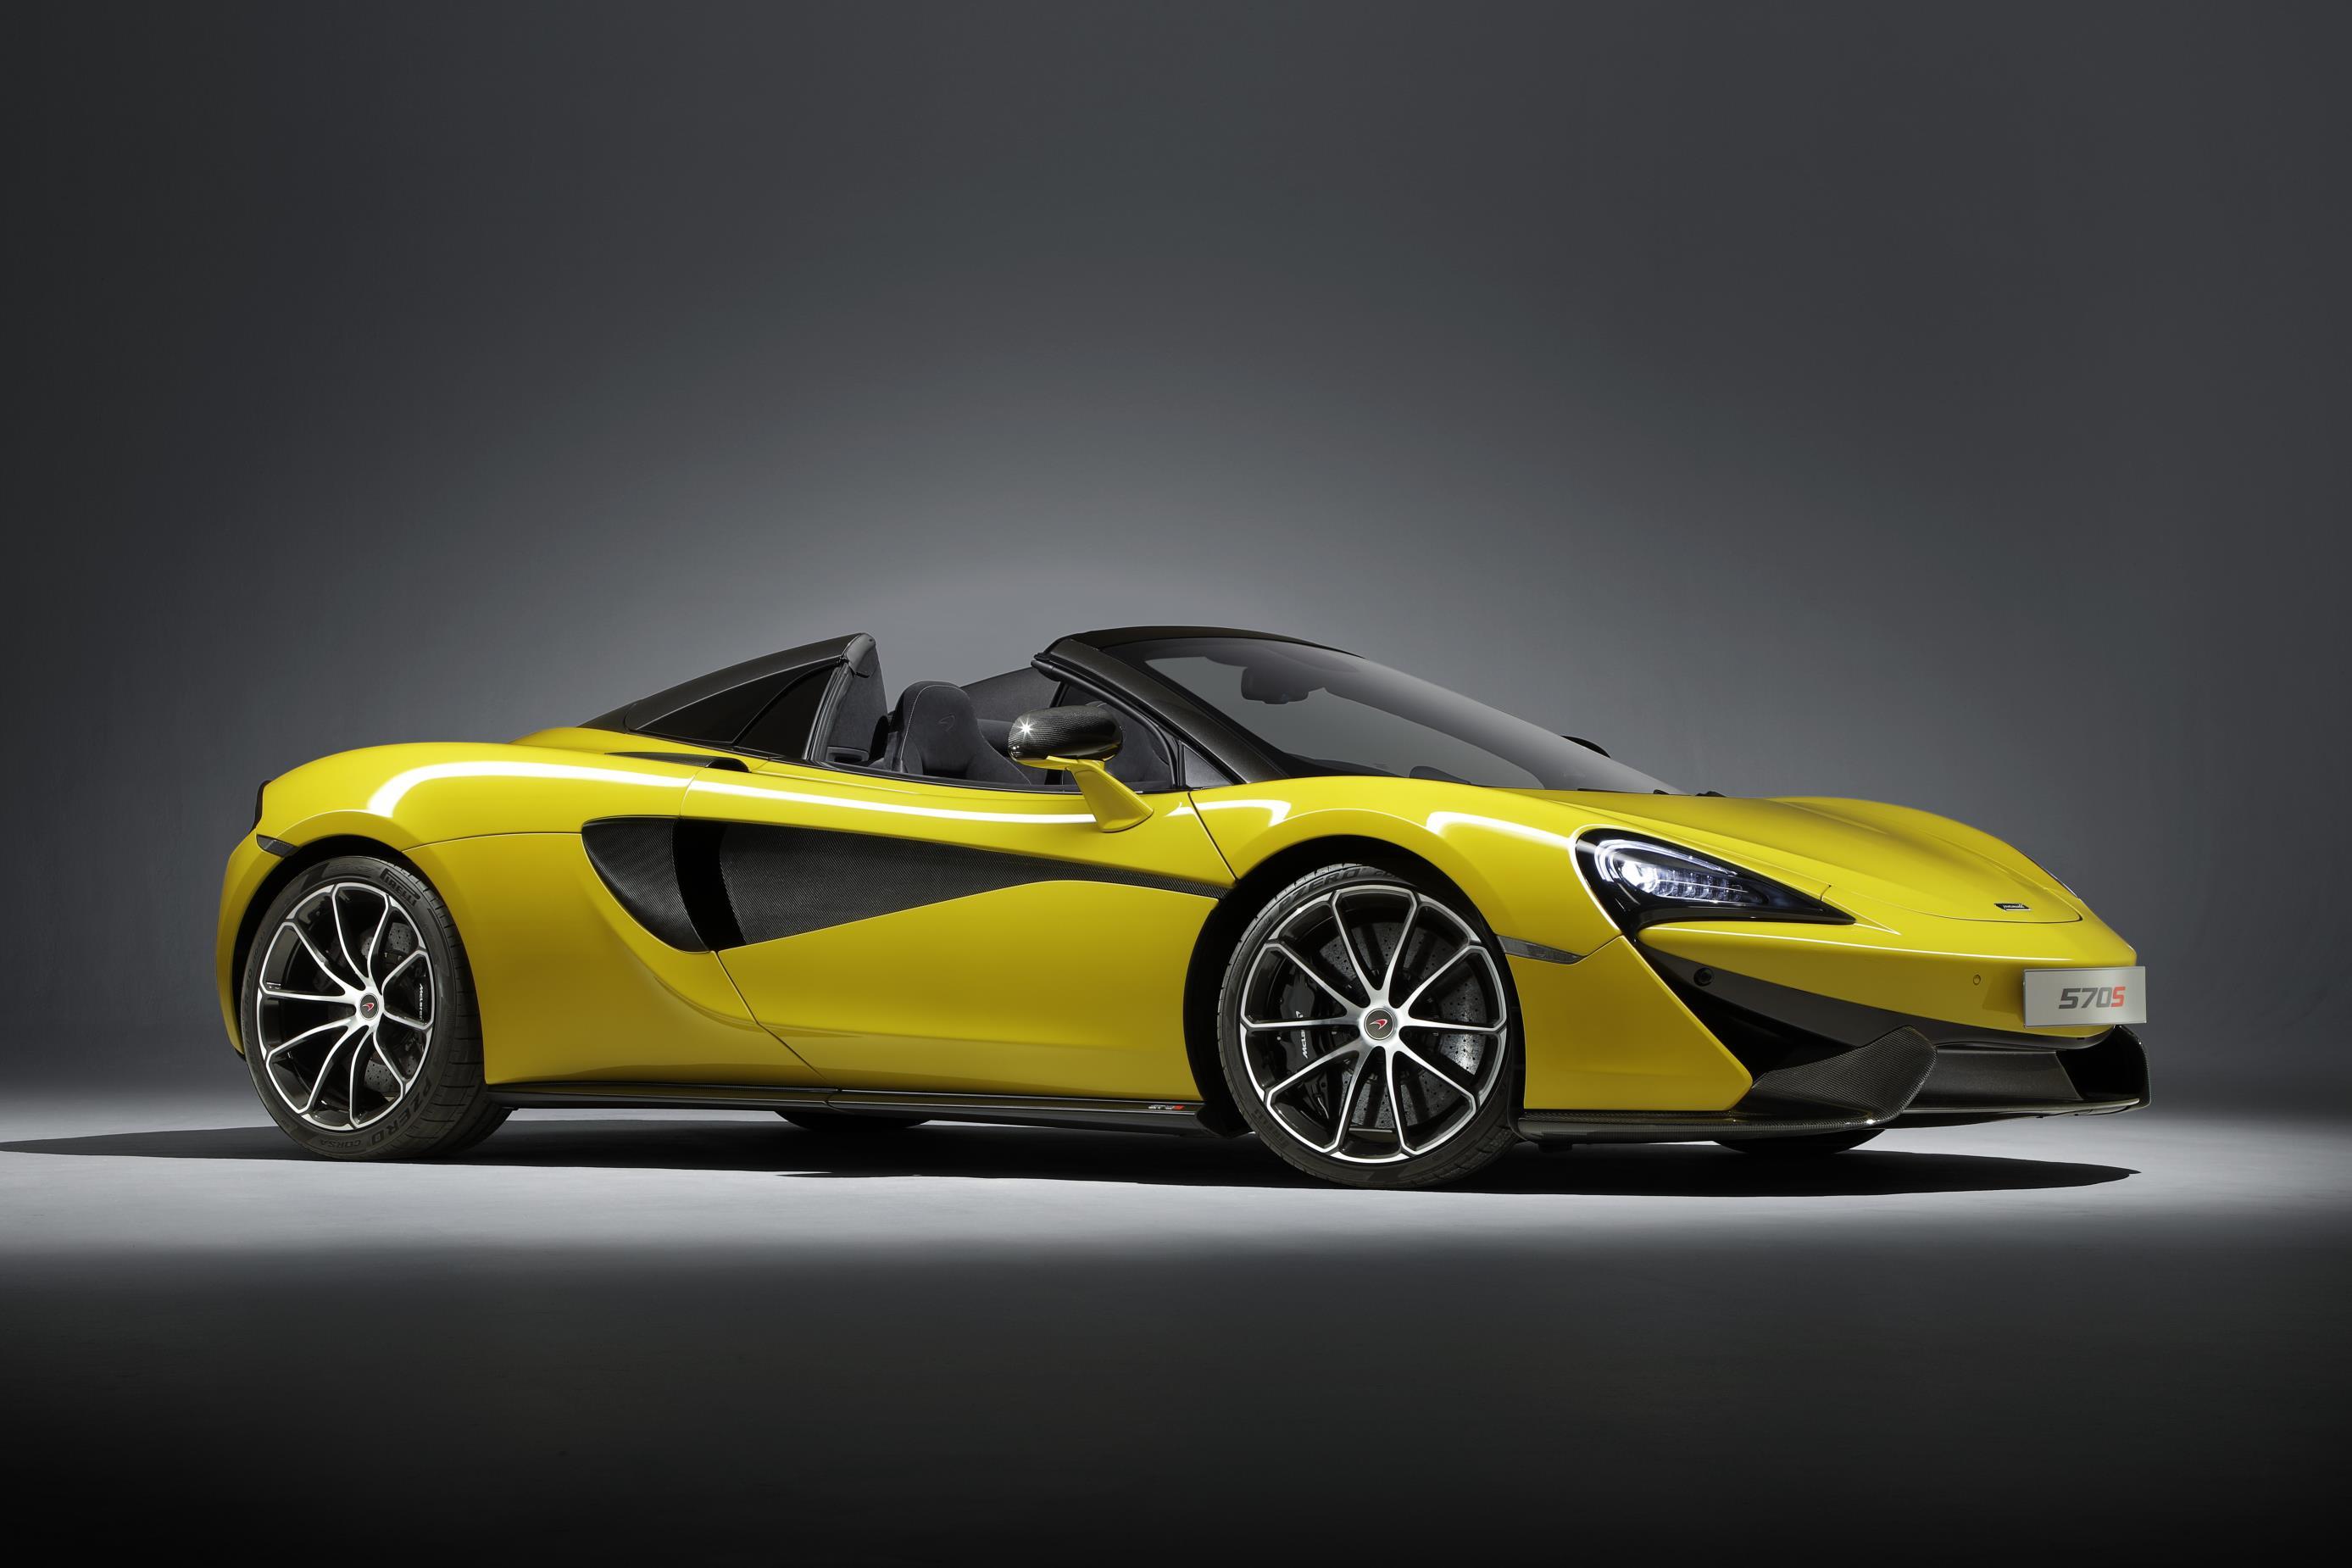 2018 McLaren 570S Spider официально анонсирован перед публичным дебютом 29 июня на Фестивале скорости в Гудвуде.